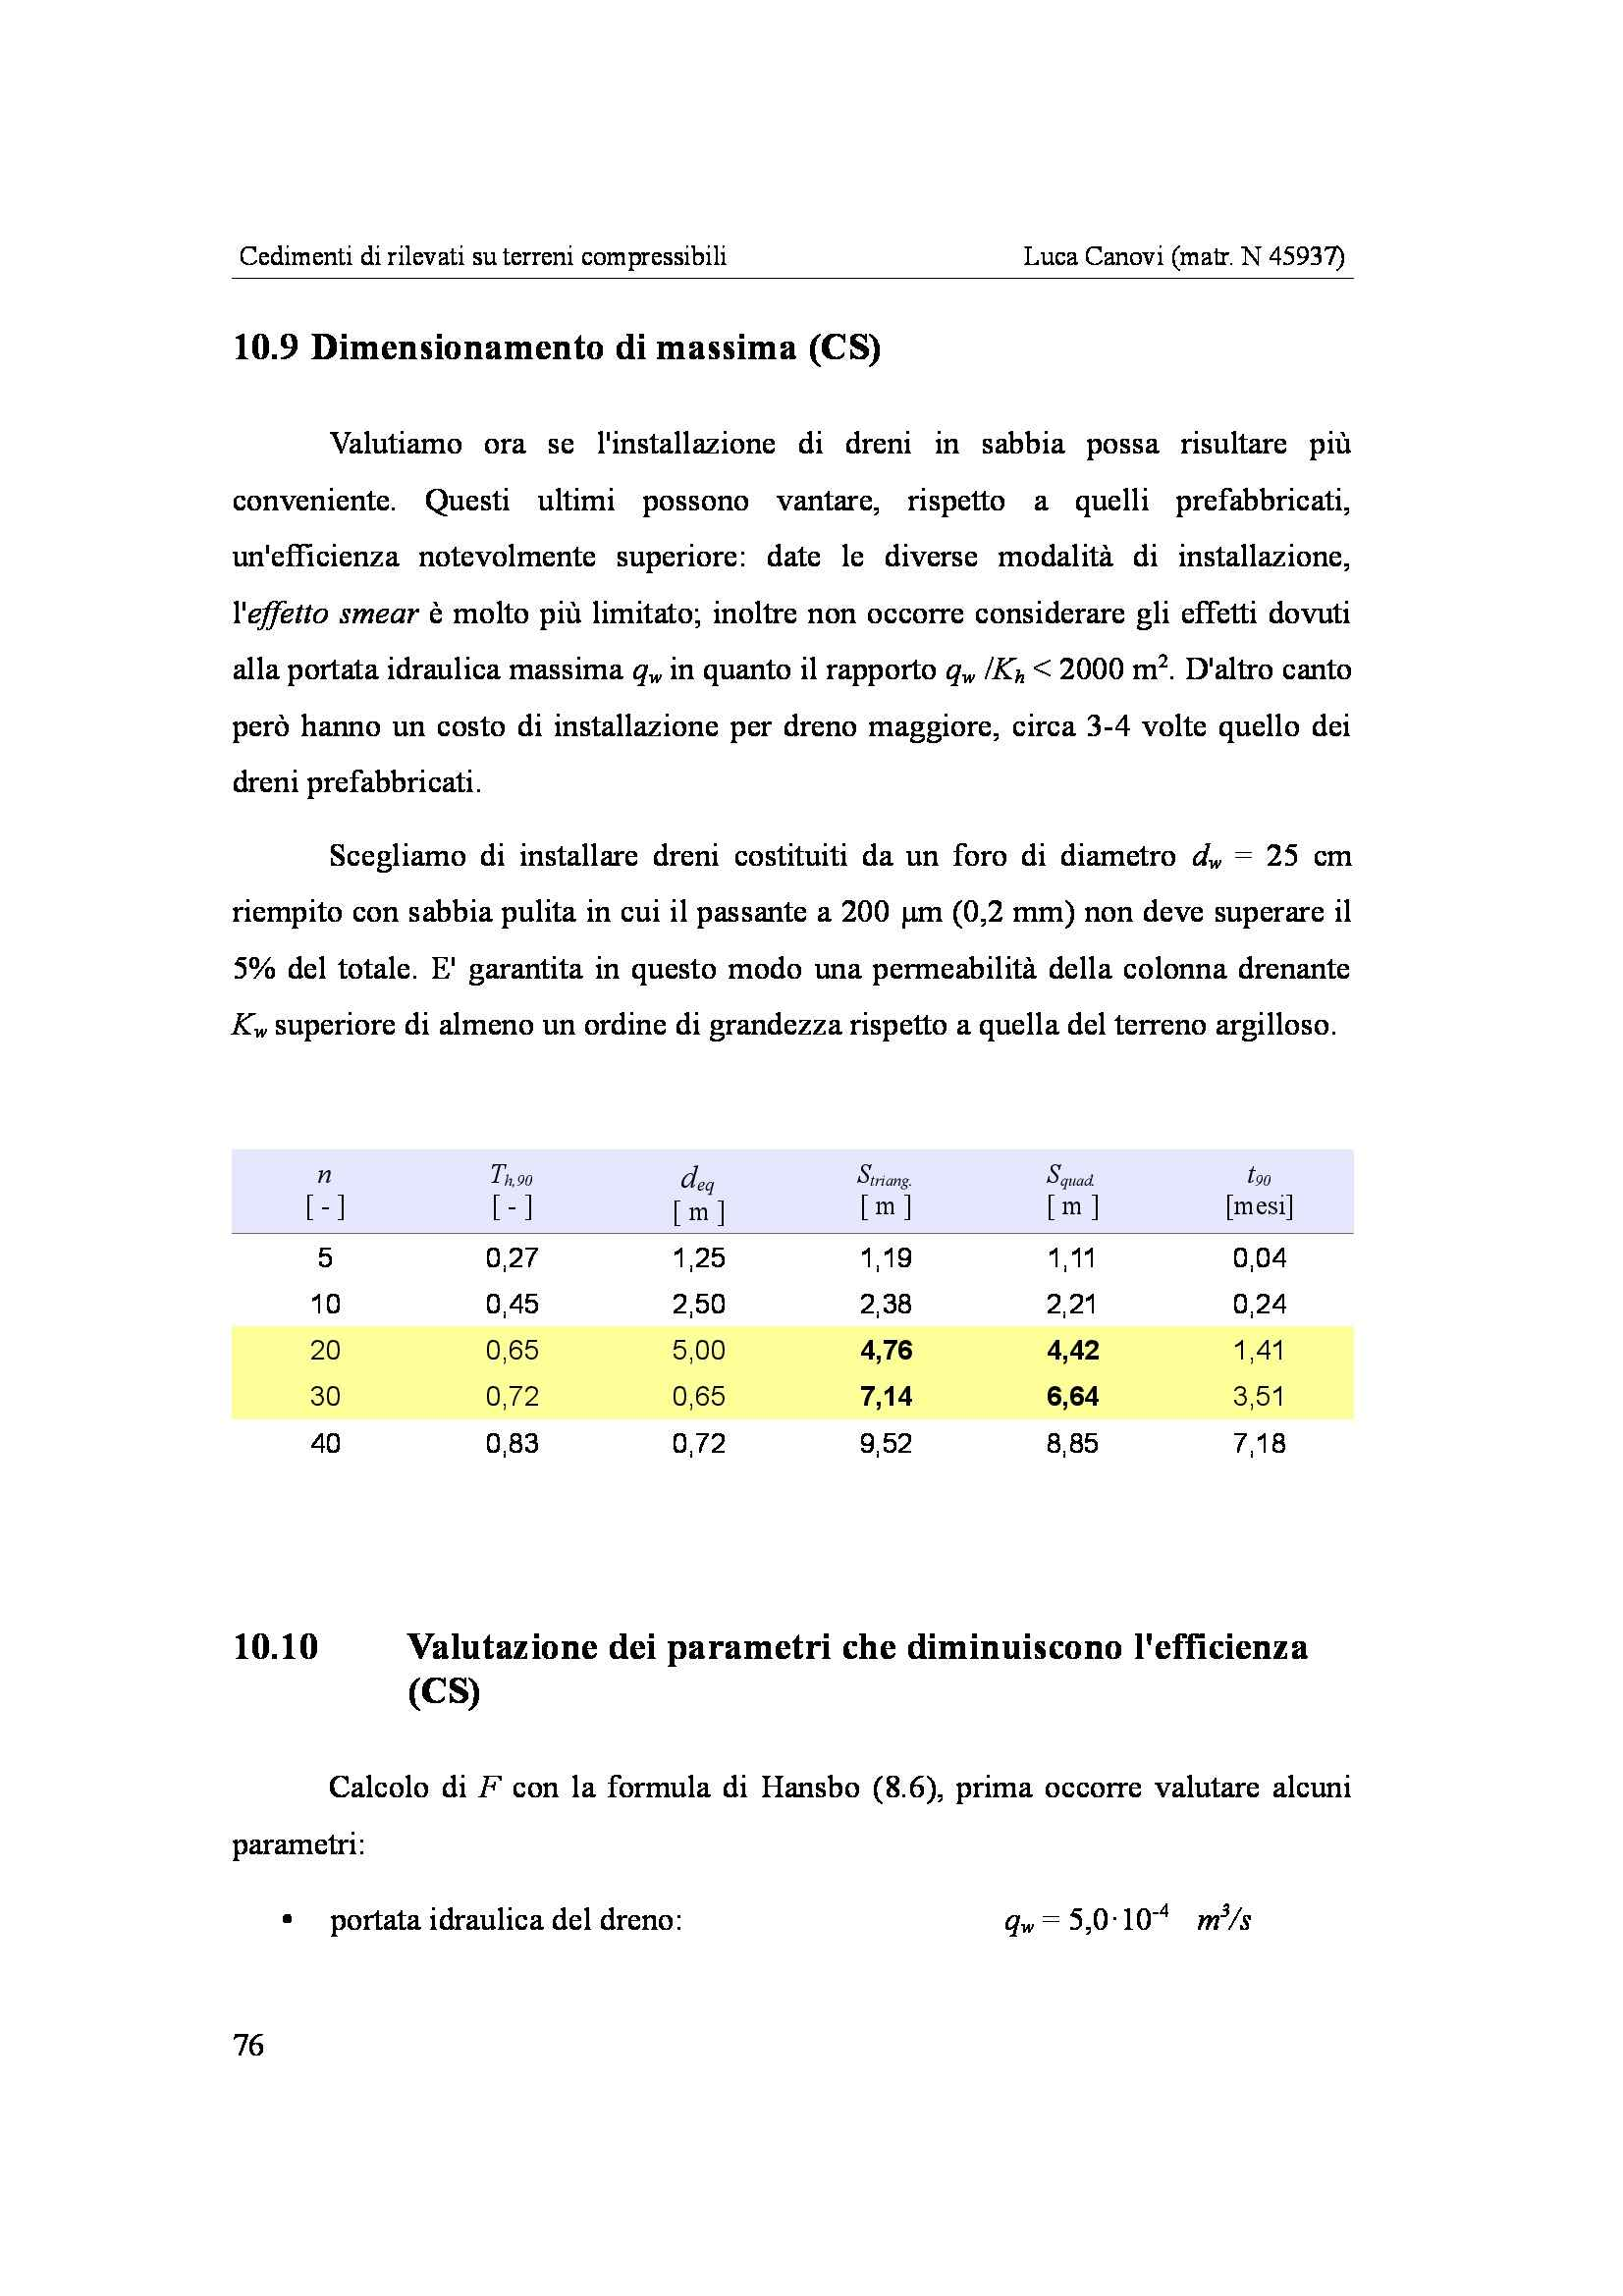 Tesi - Cedimenti su terreni compressibili Pag. 76